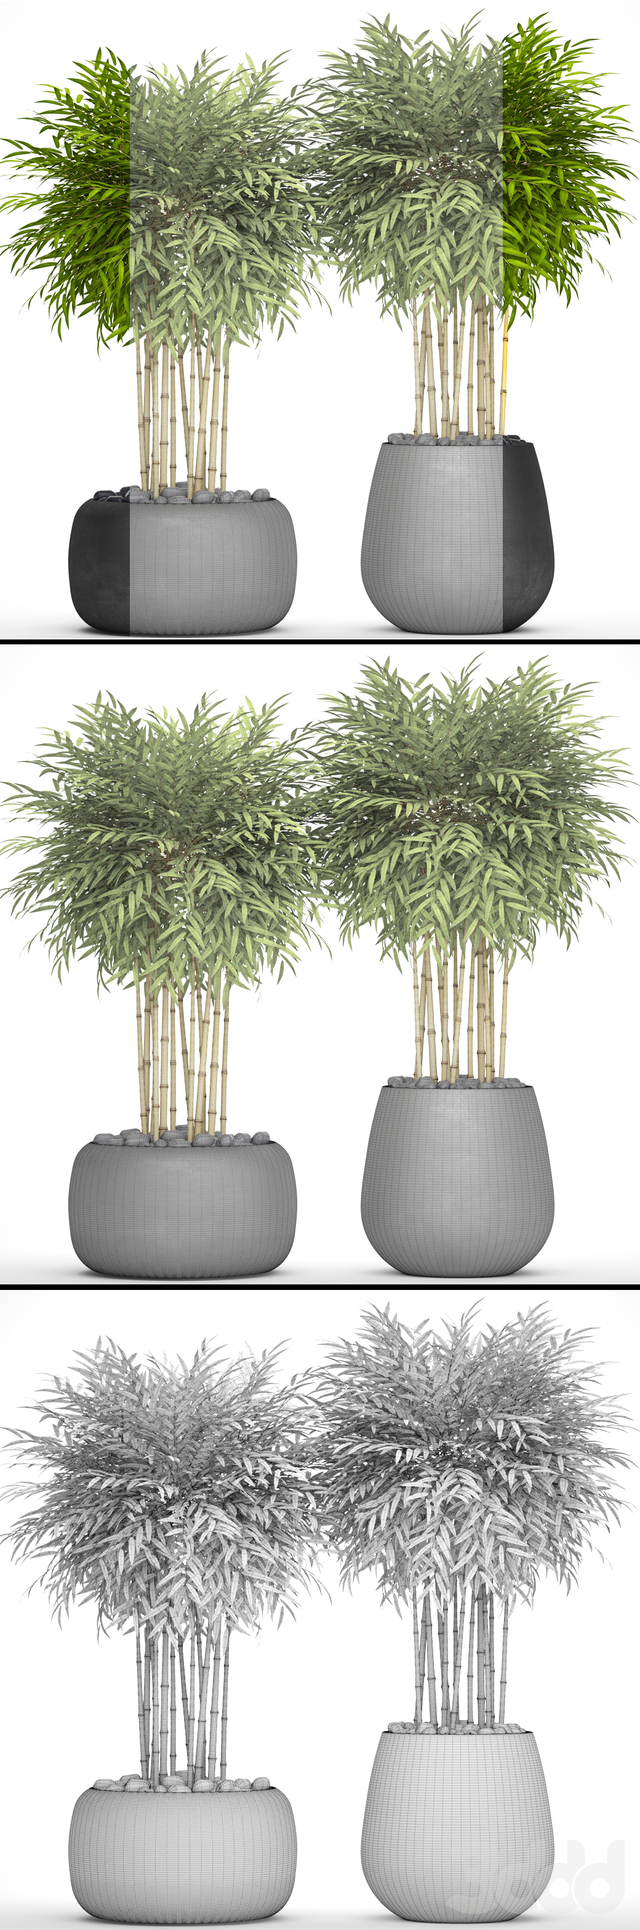 Коллекция растений в горшках 23